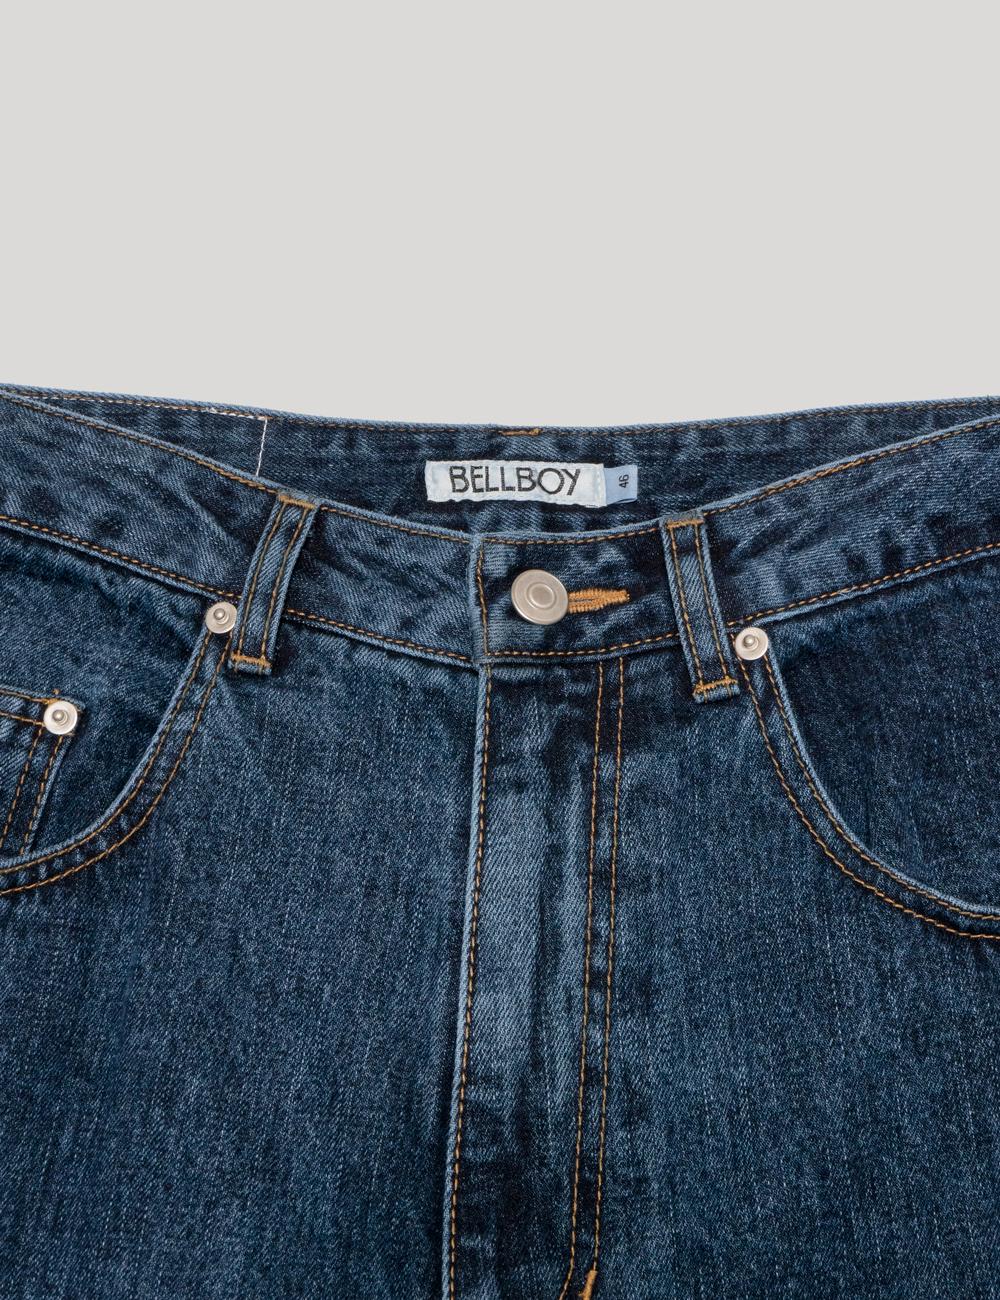 BELLBOY JEANS:<BR>90'S BAGGY